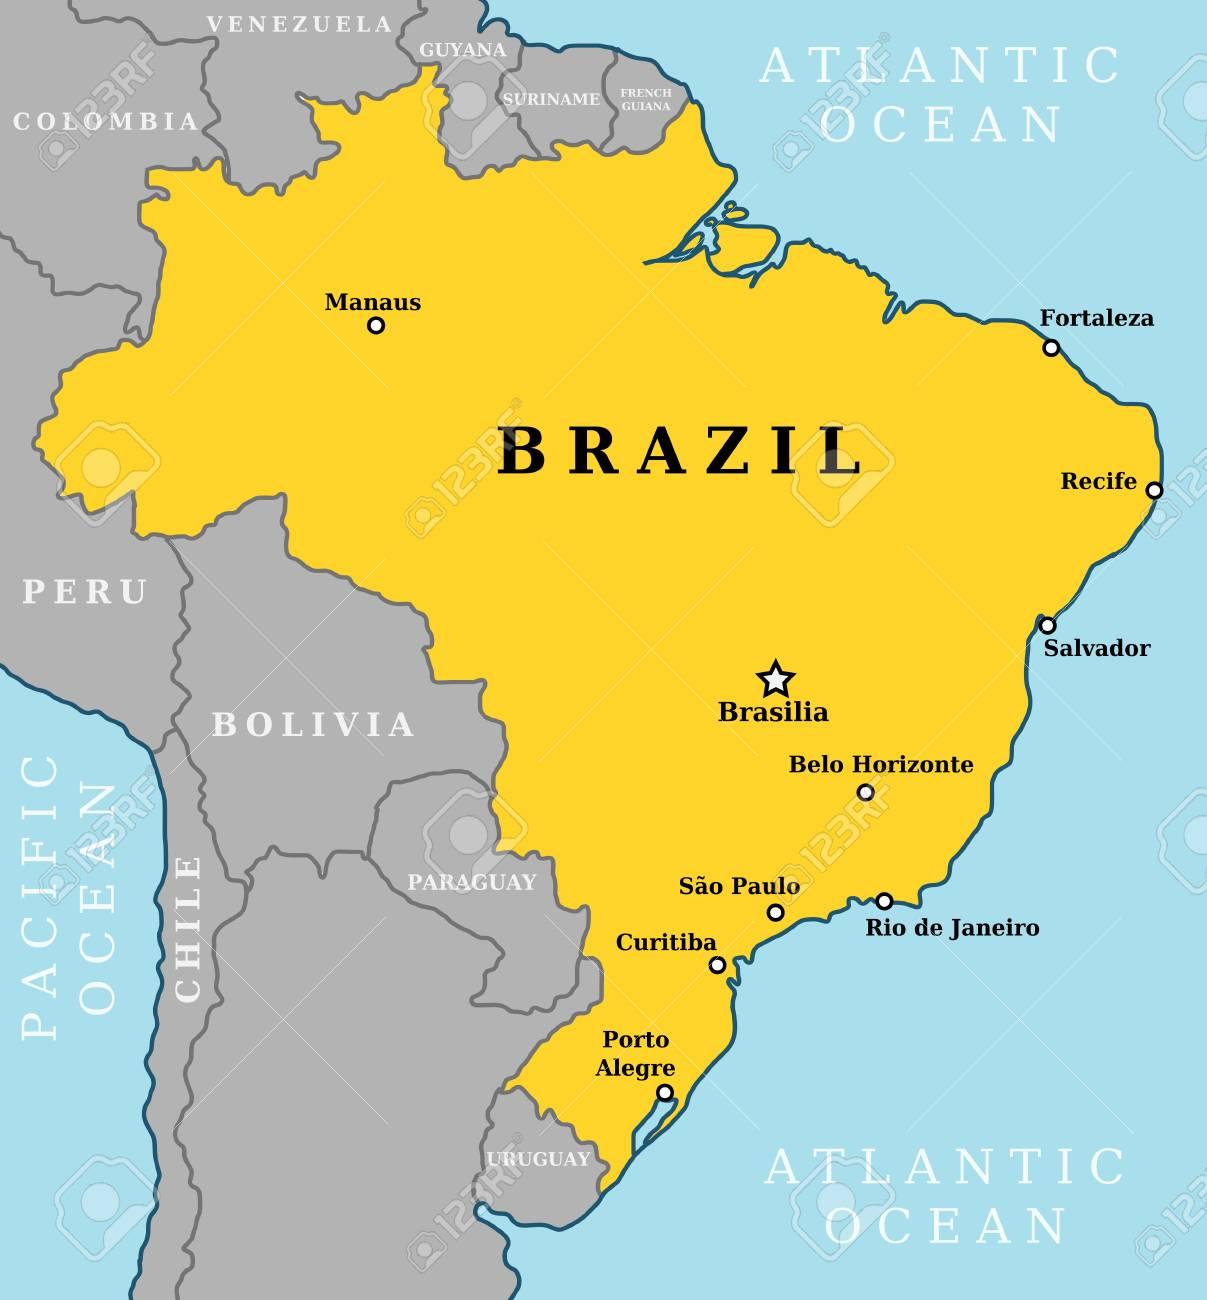 ब्राजिलमा सेना, नौसेना र हवाई सेना प्रमुखको एकसाथ राजीनामा